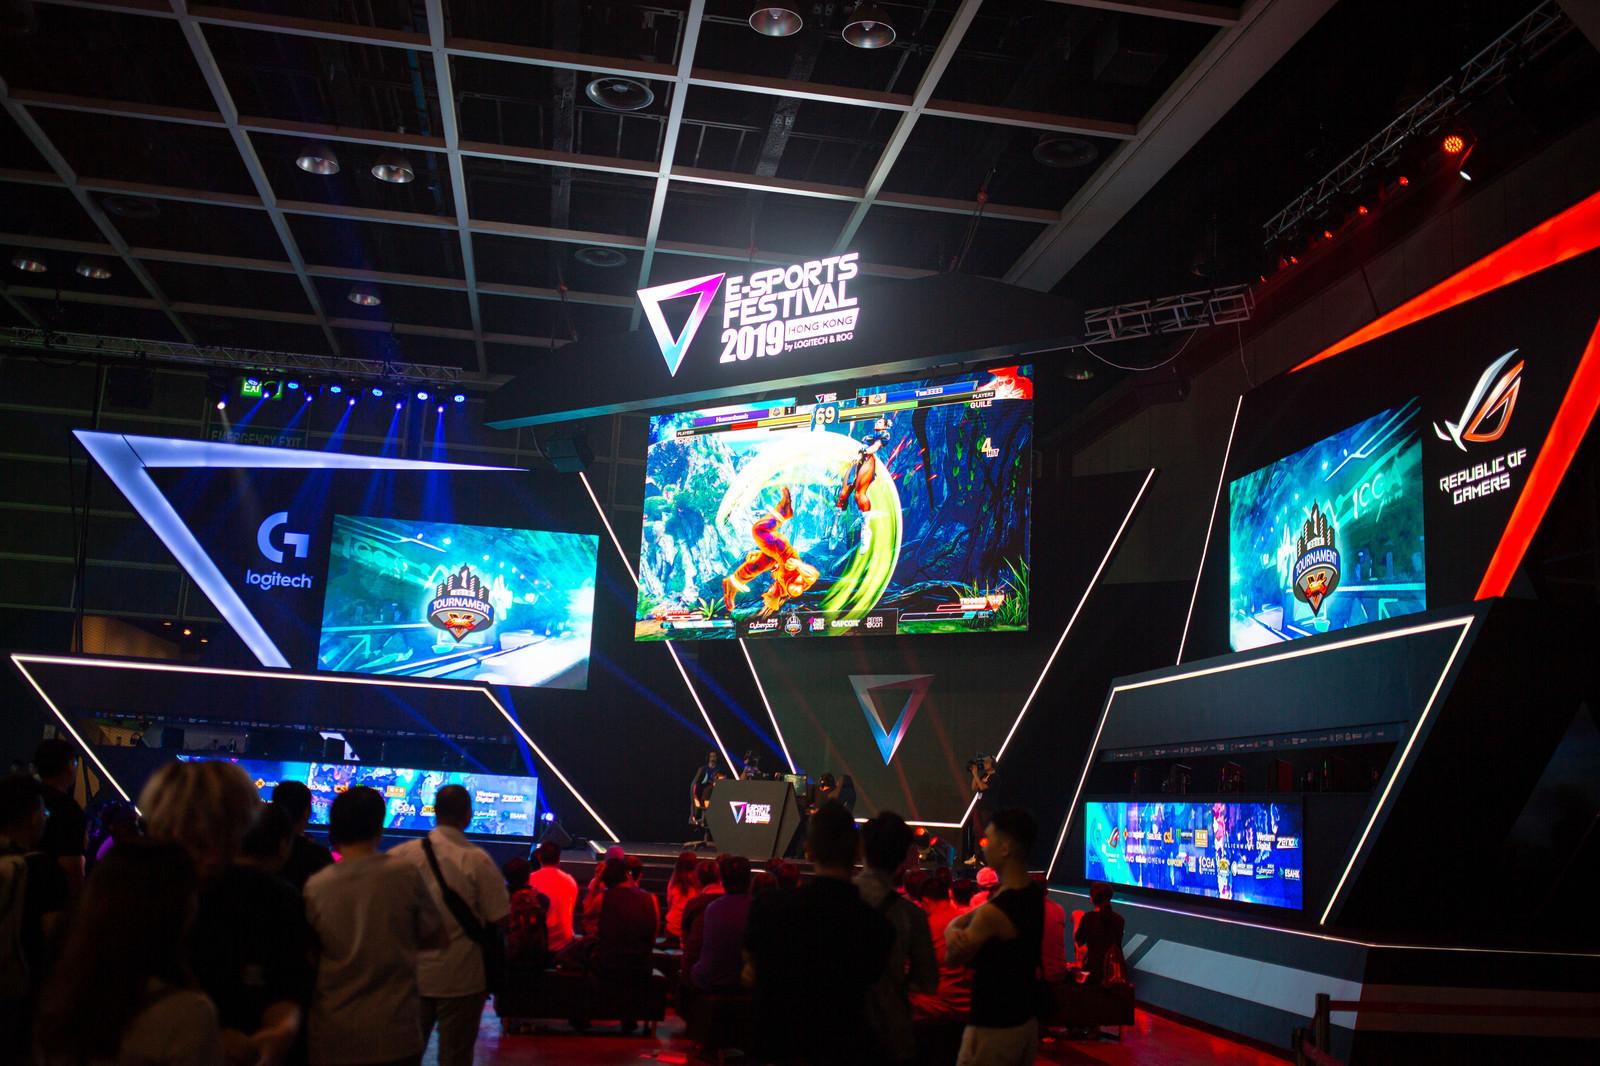 「大迫力なモニターで開催されるストVの大会 - E-Sports Festival Hong Kong 2019」の写真